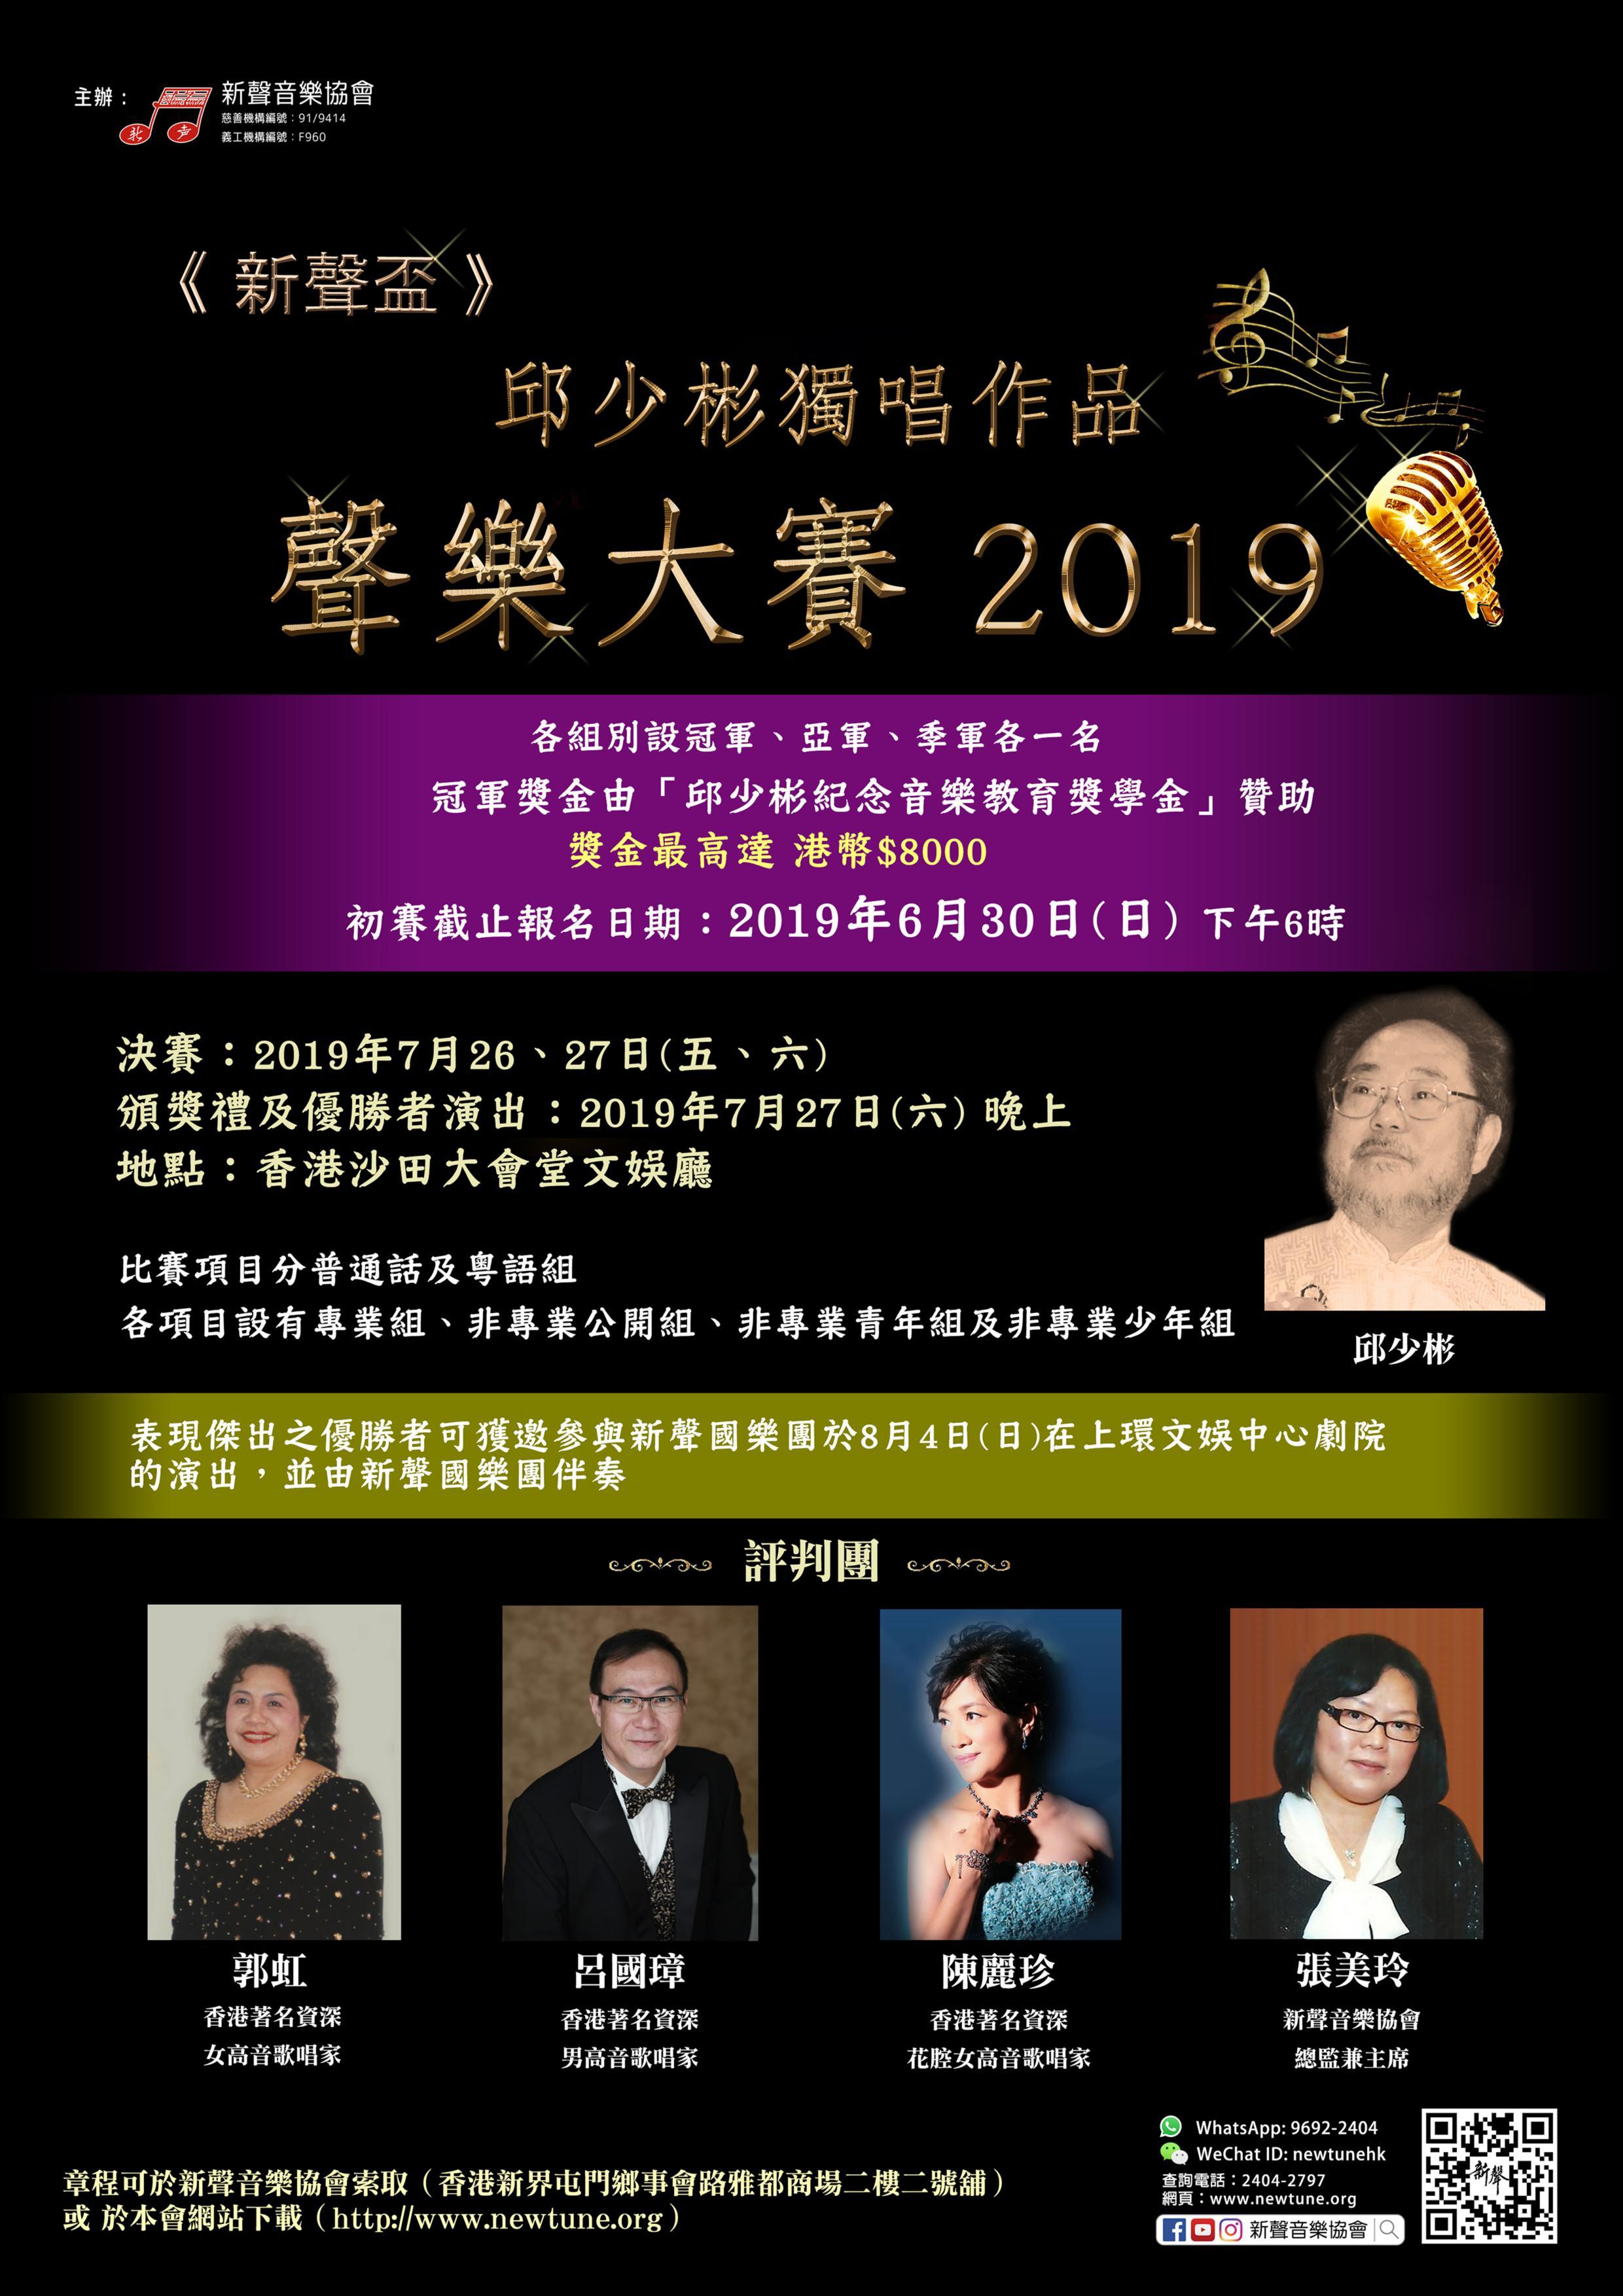 《新聲盃》邱少彬獨唱作品聲樂大賽 2019